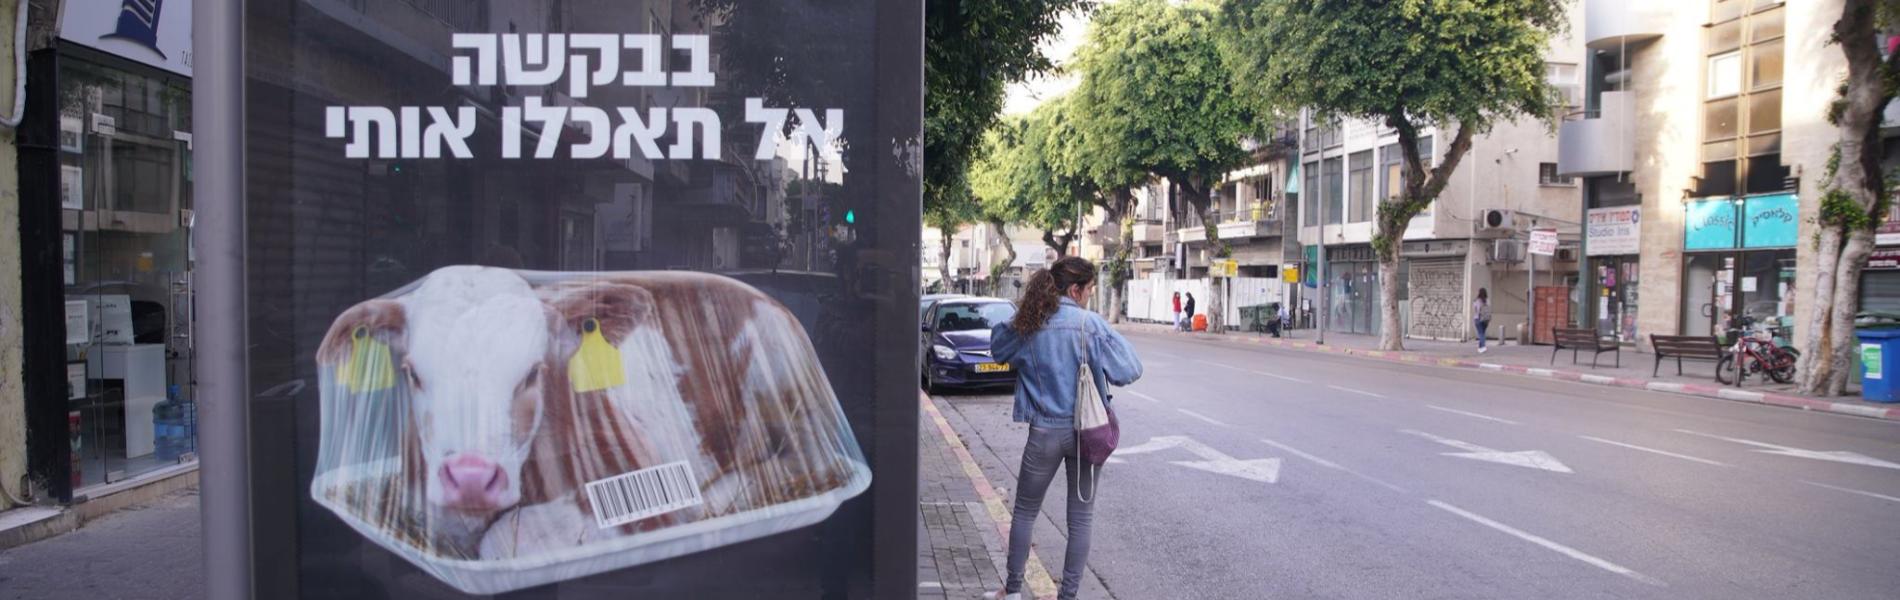 המהפכה הטבעונית בישראל: מקומץ טבעונים שולי לאלפי מנגלים ללא בשר